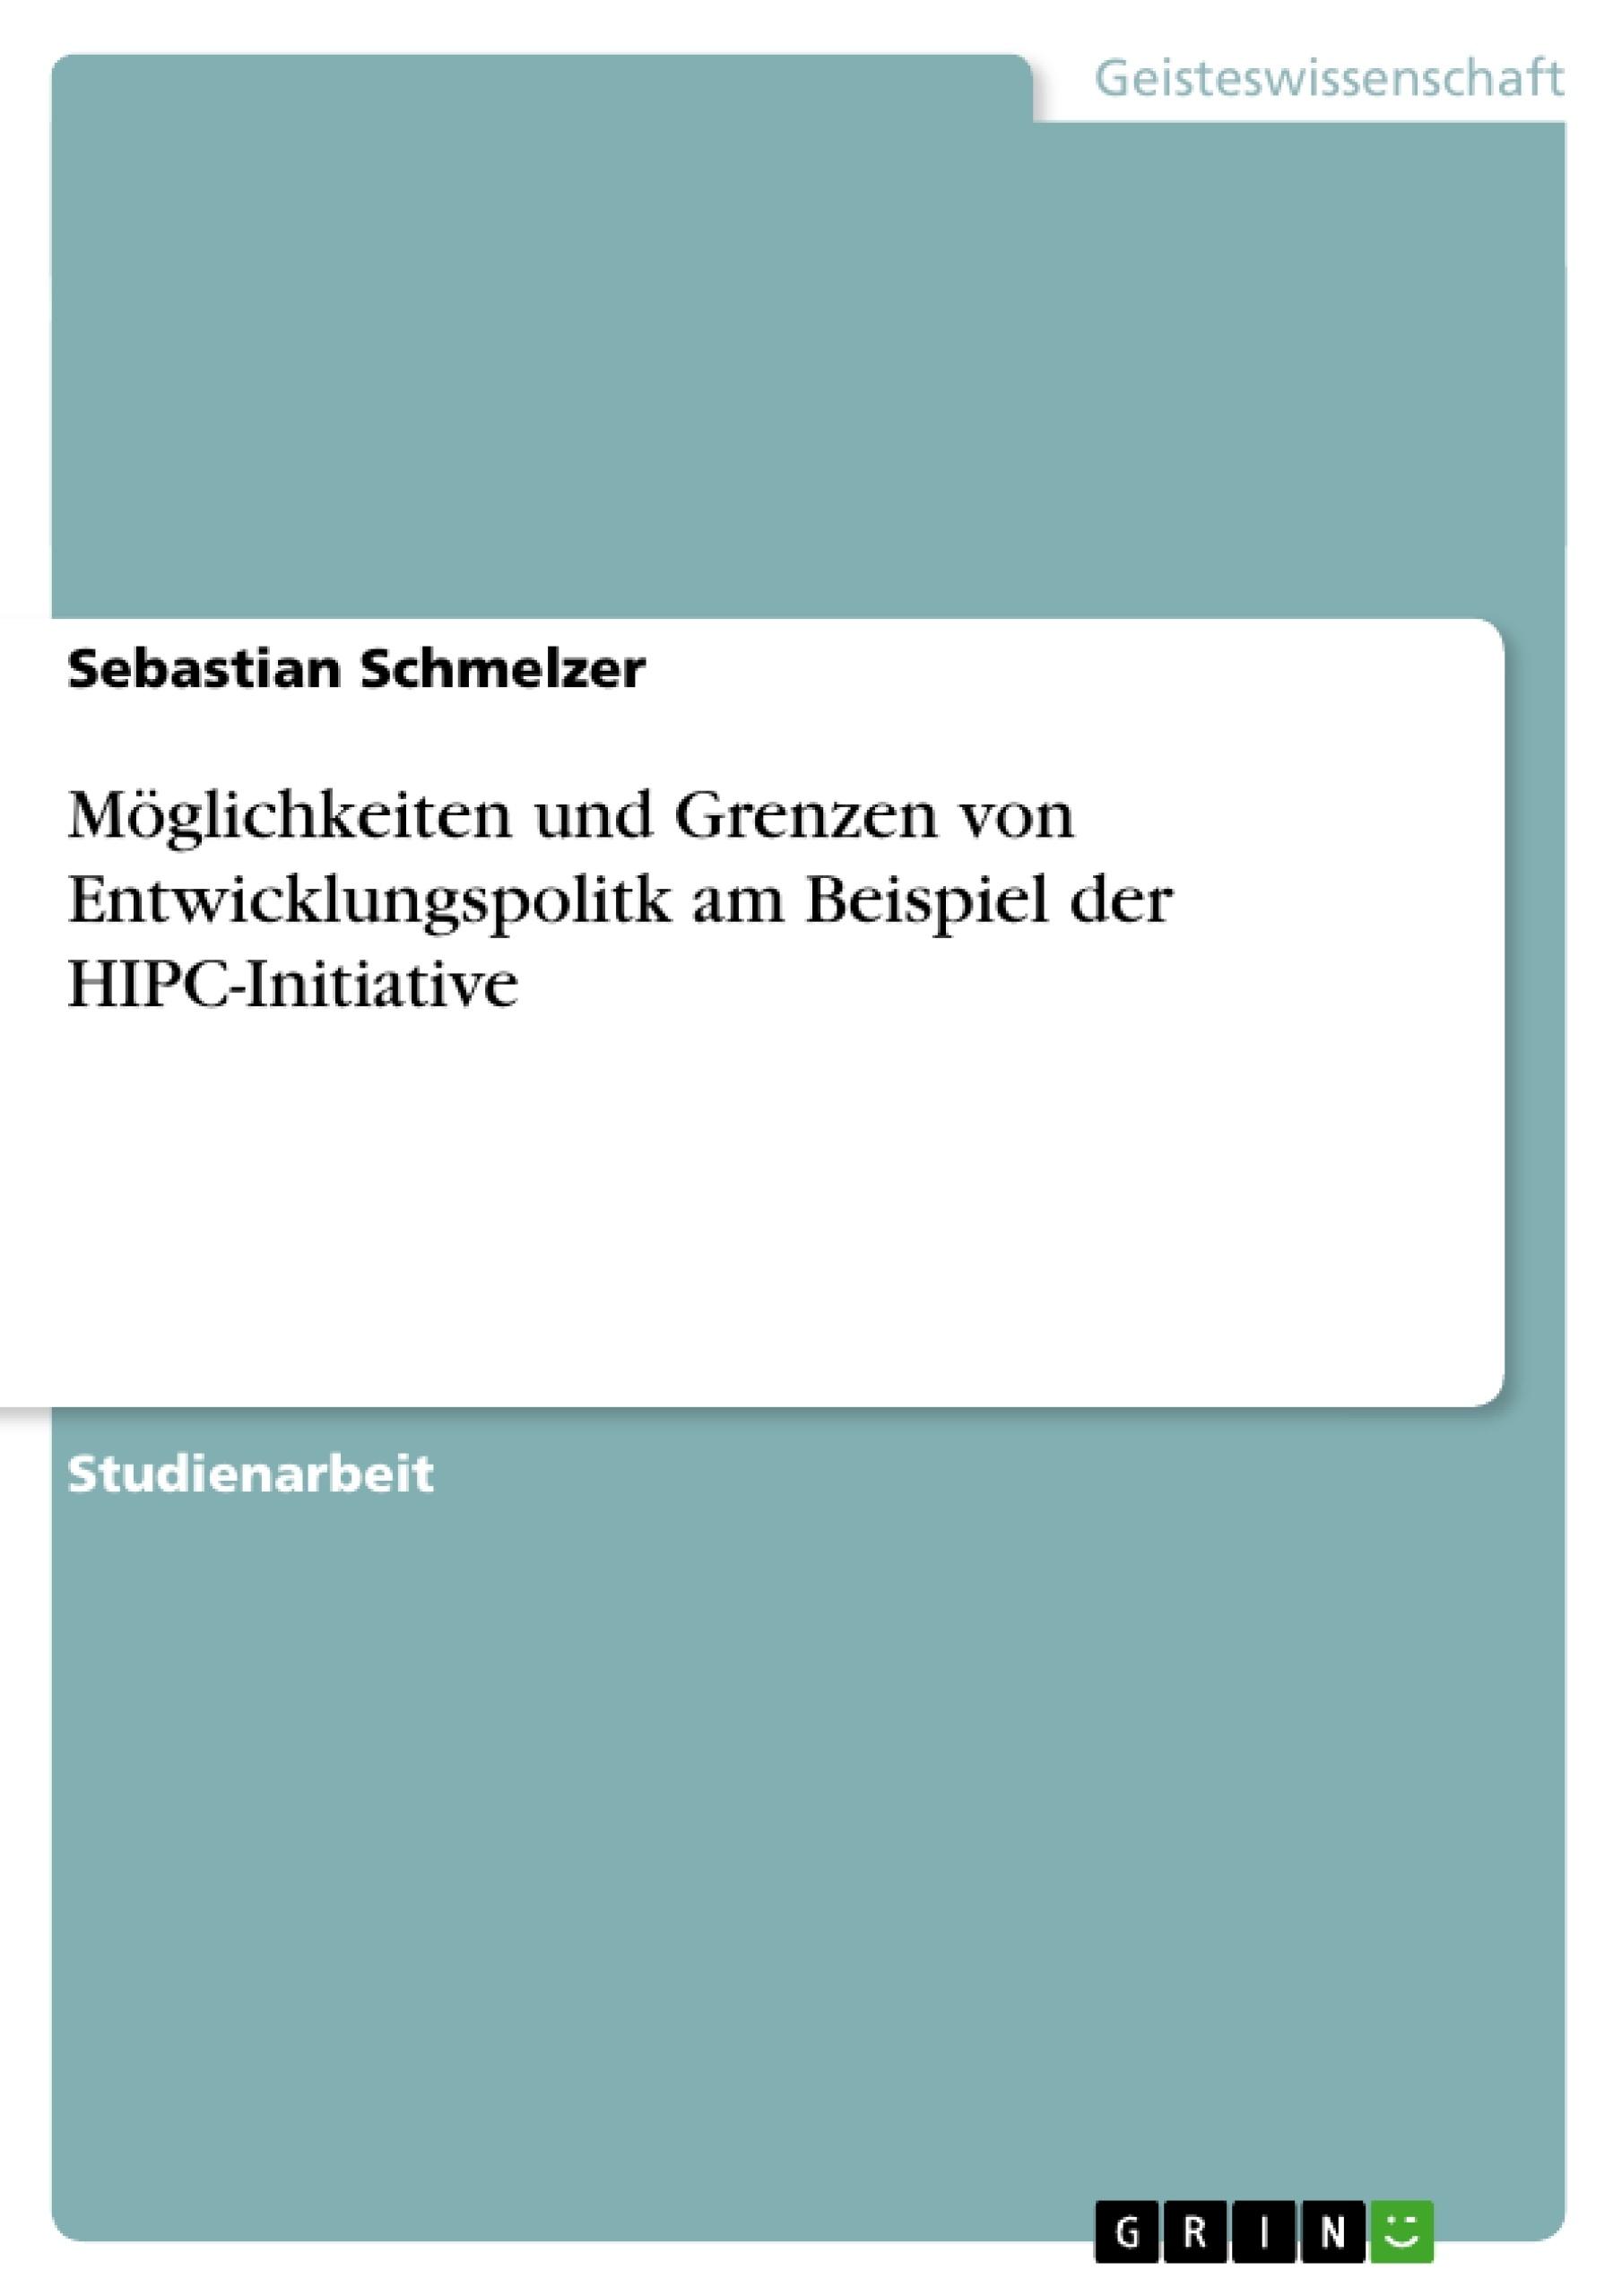 Großzügig Fortsetzen Vorlagen Für Apotheken Techniker Galerie ...